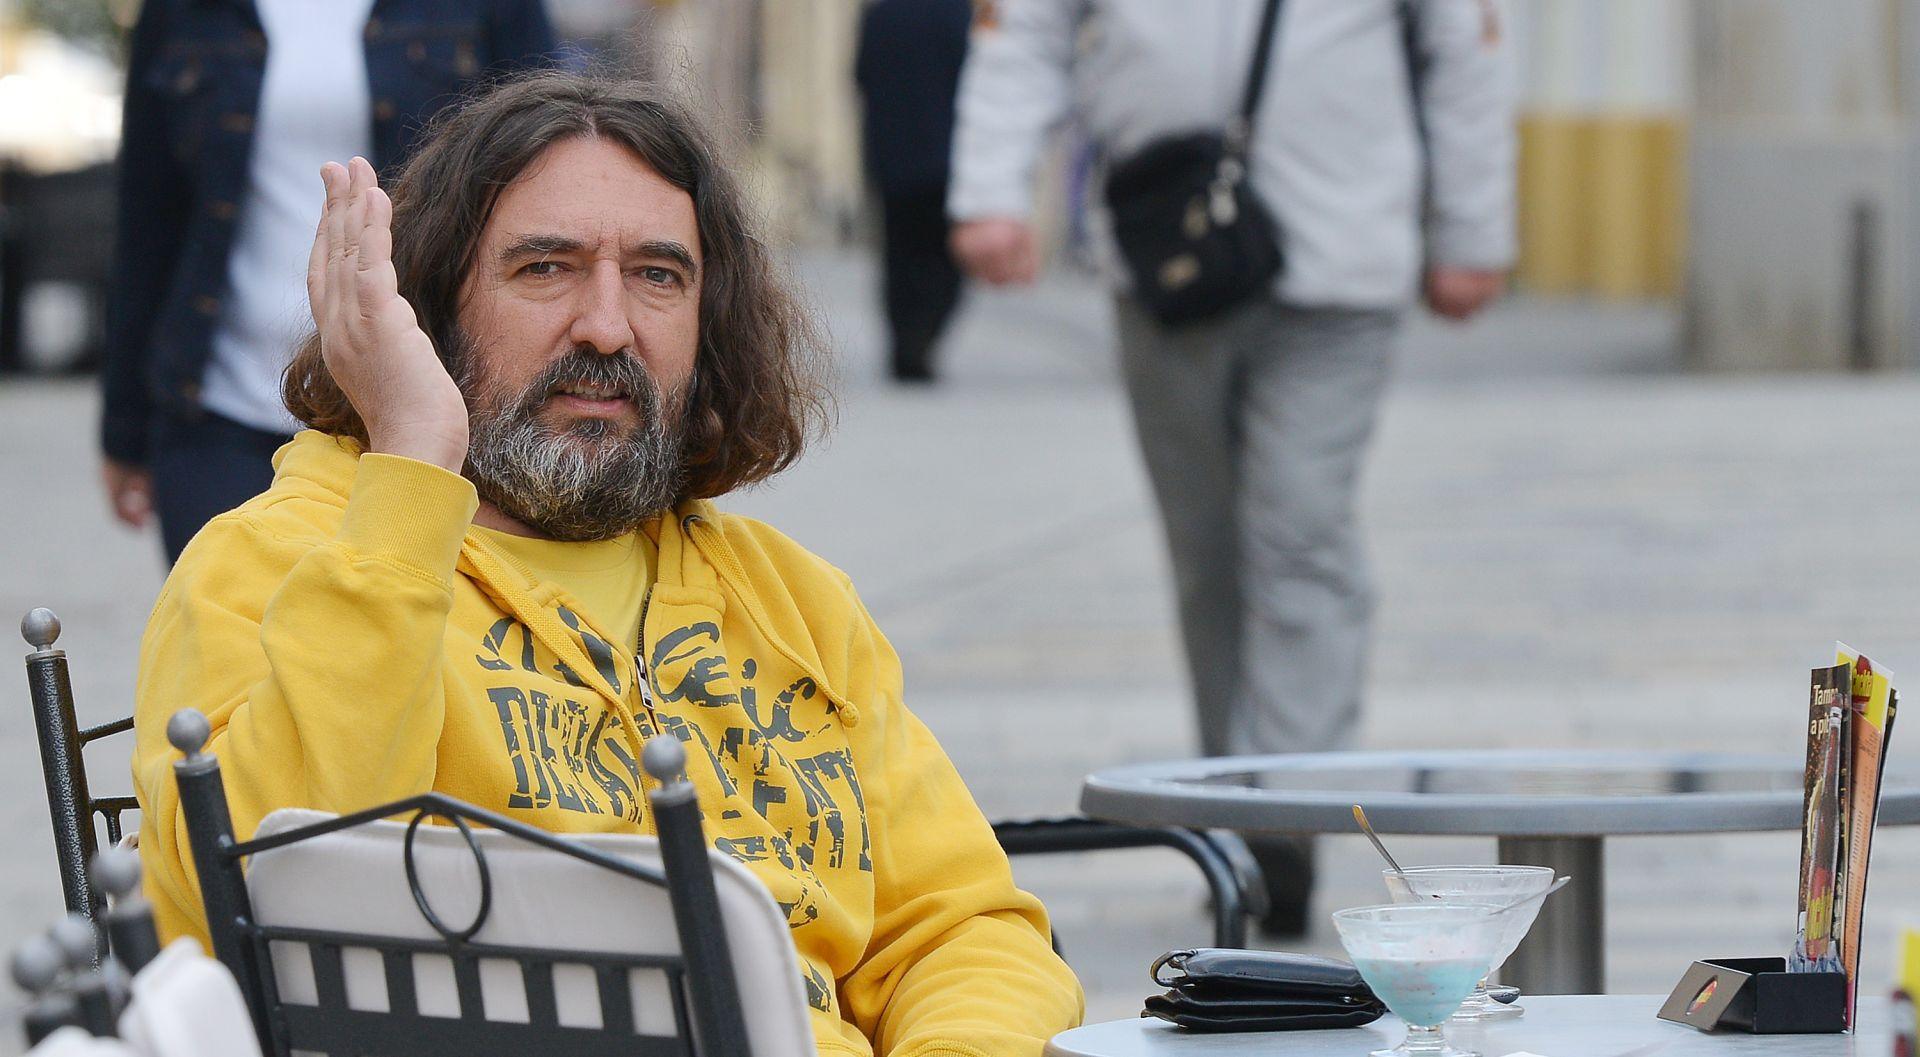 Varaždinci ponovno žele Čehoka za gradonačelnika, on još nije odlučio o kandidaturi